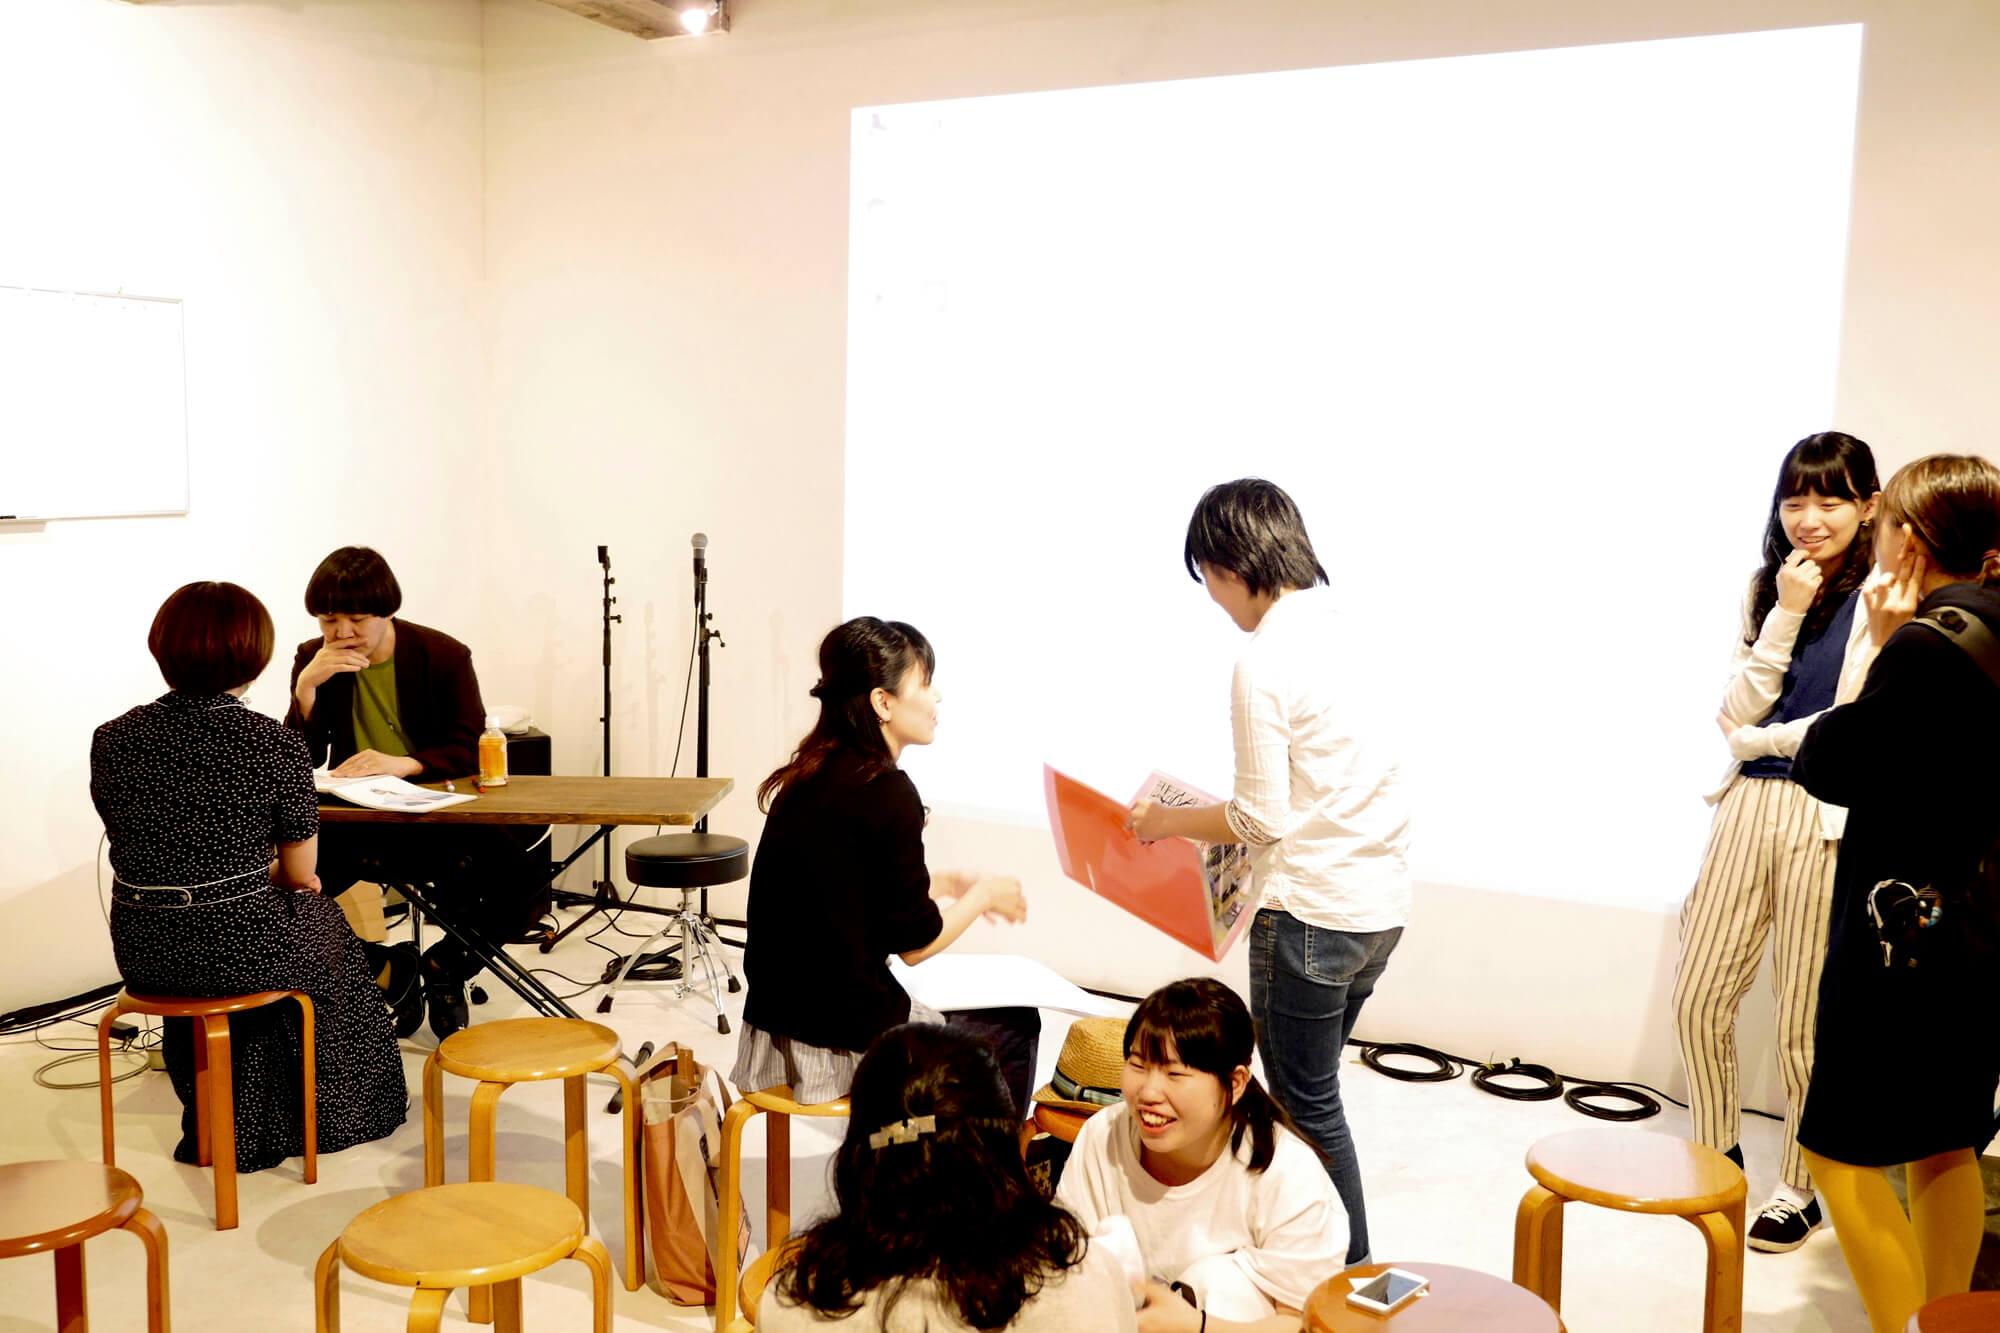 Terminal対談 : 中村佑介のイラスト教室 その3